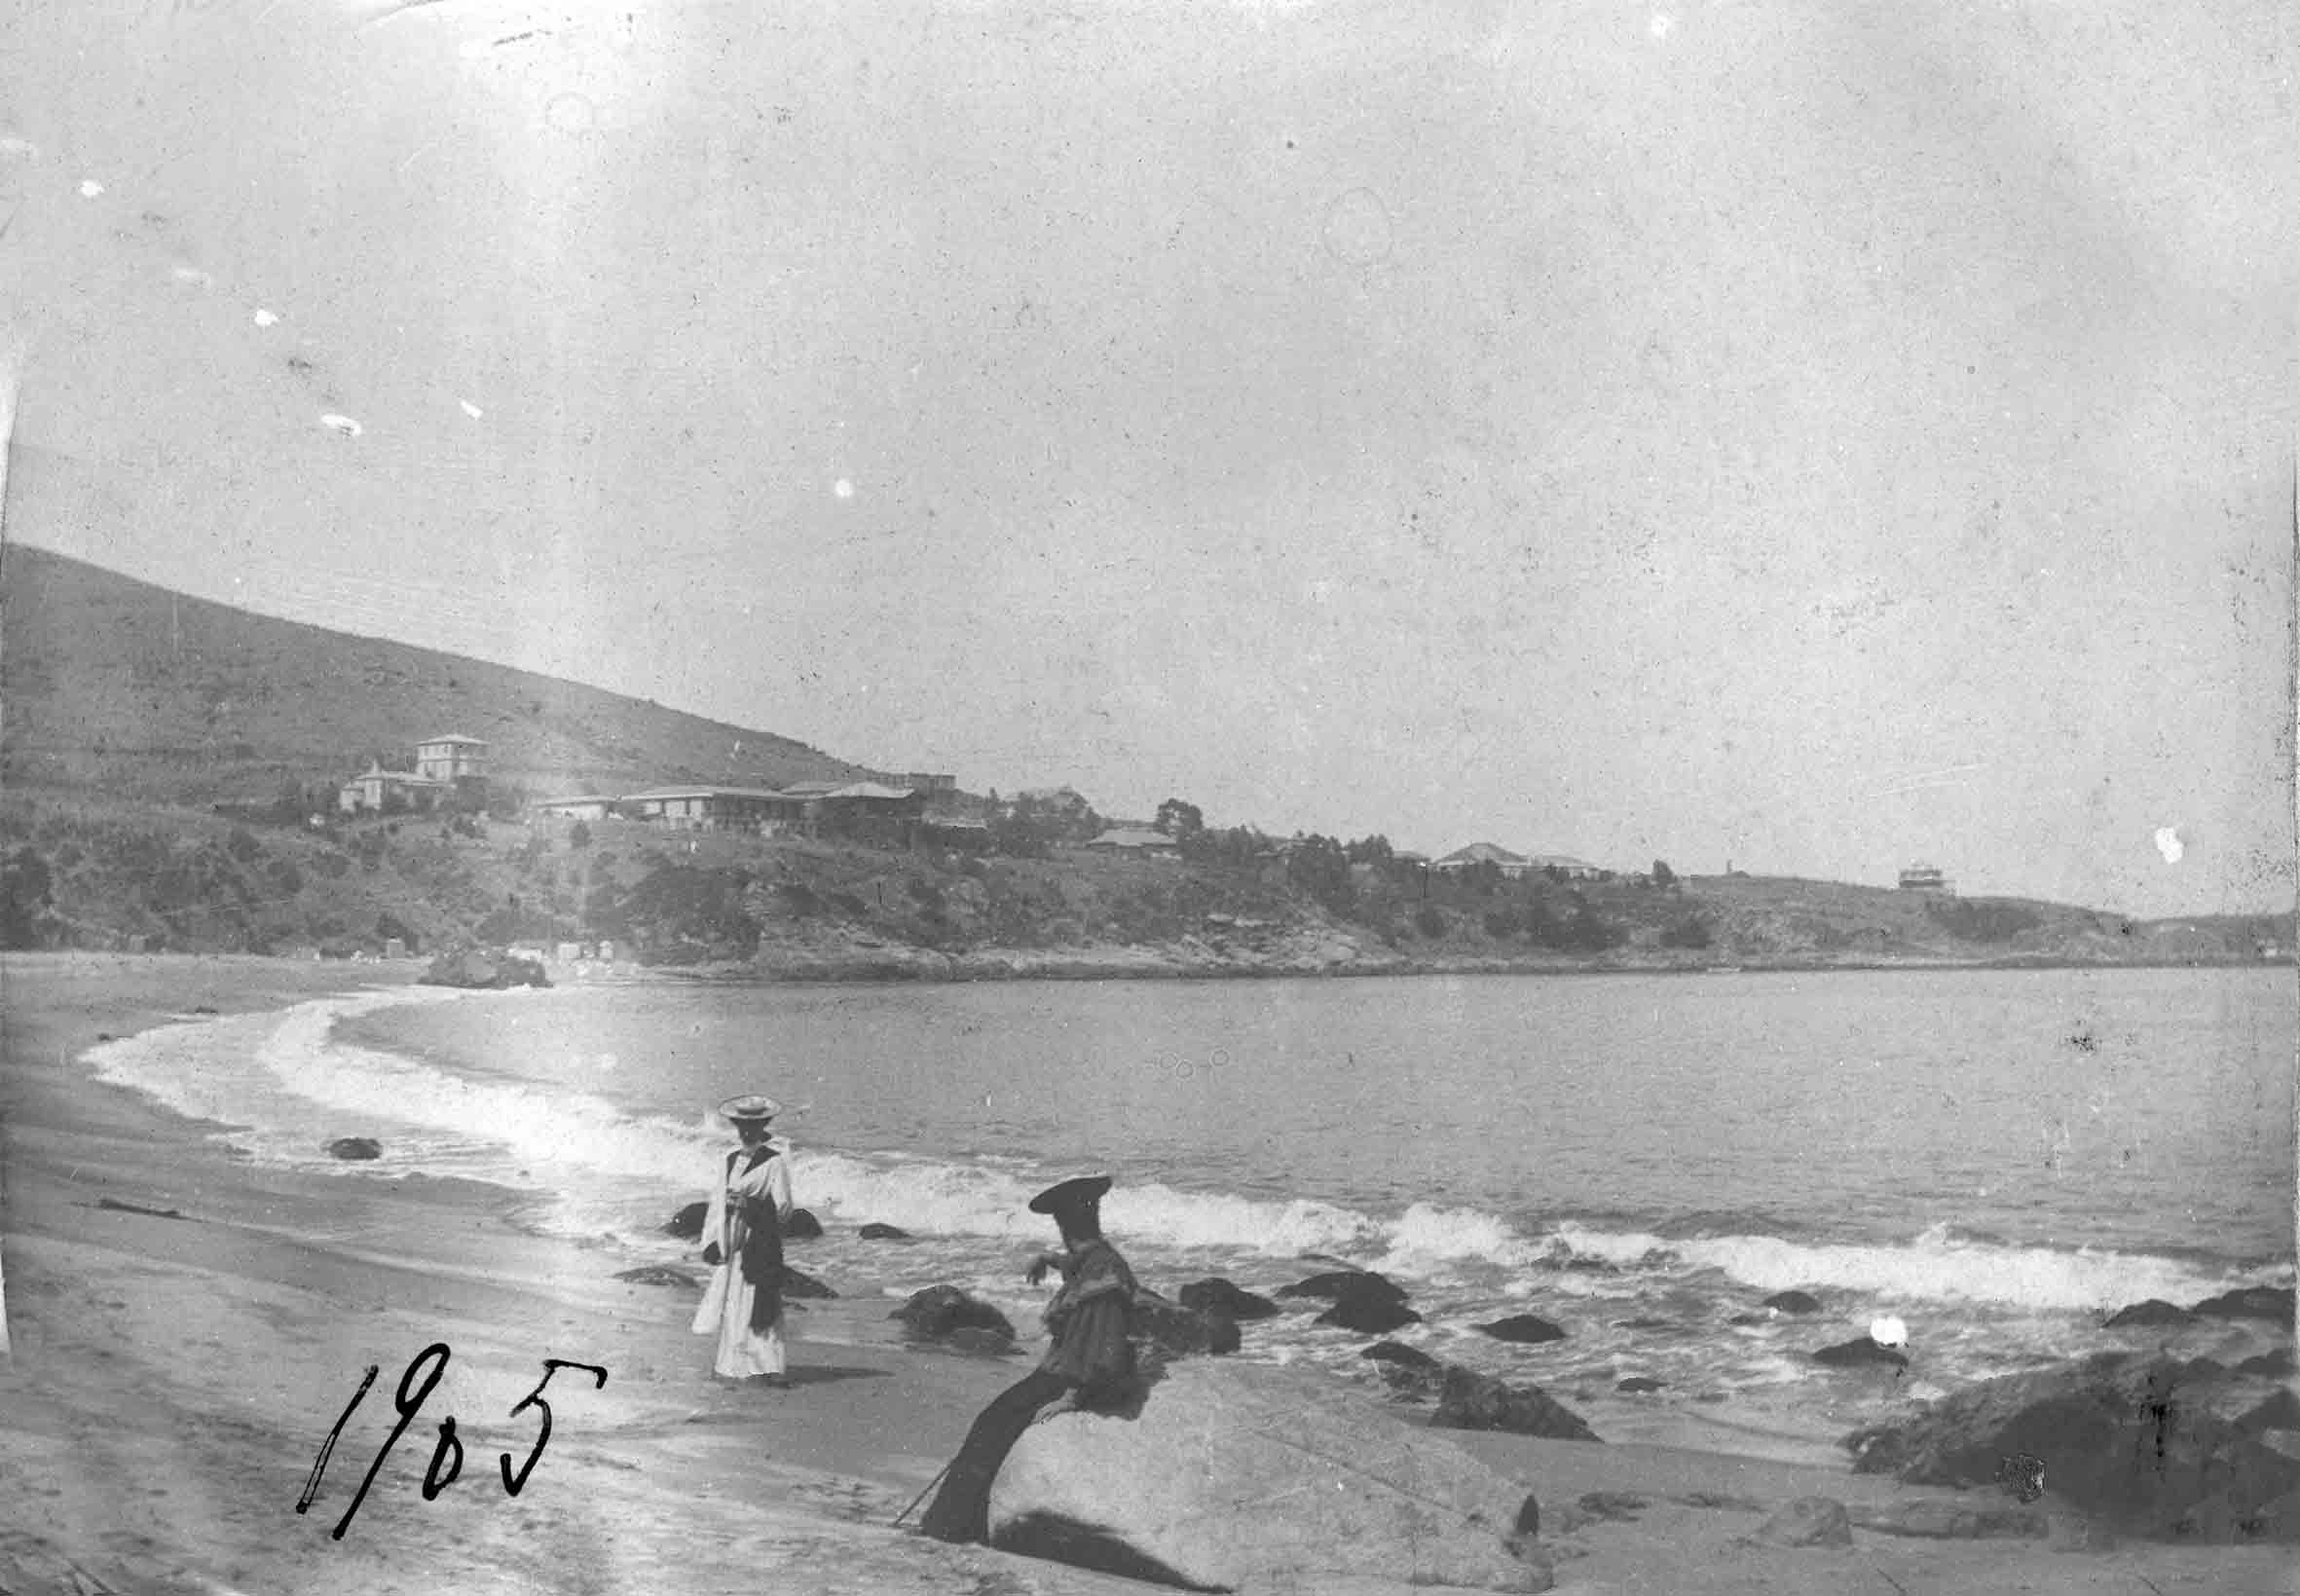 Enterreno - Fotos históricas de chile - fotos antiguas de Chile - Playa de Zapallar en 1905